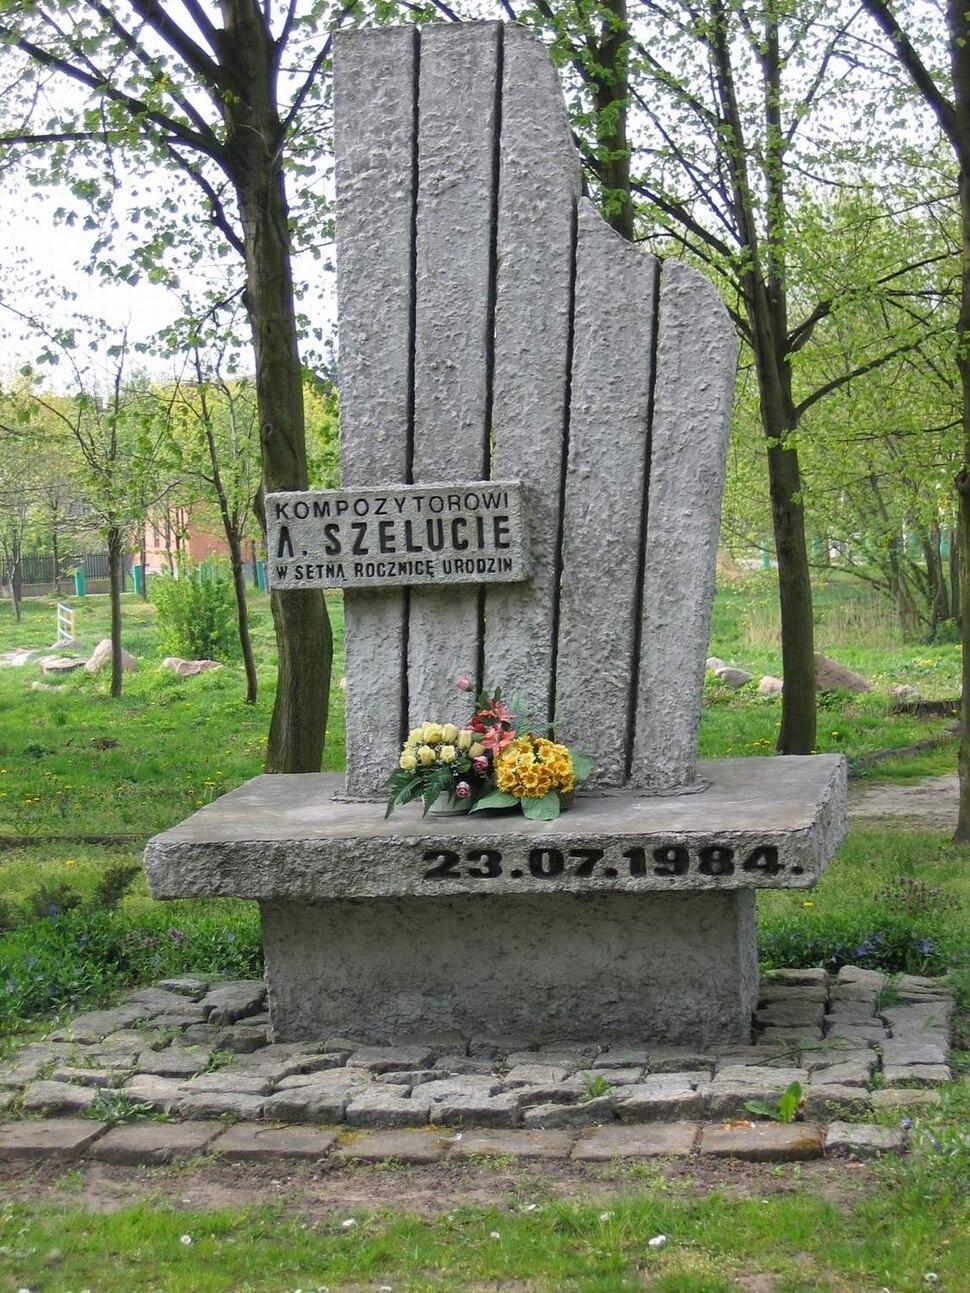 Slupca - pomnik pamieci Apolinarego Szeluty